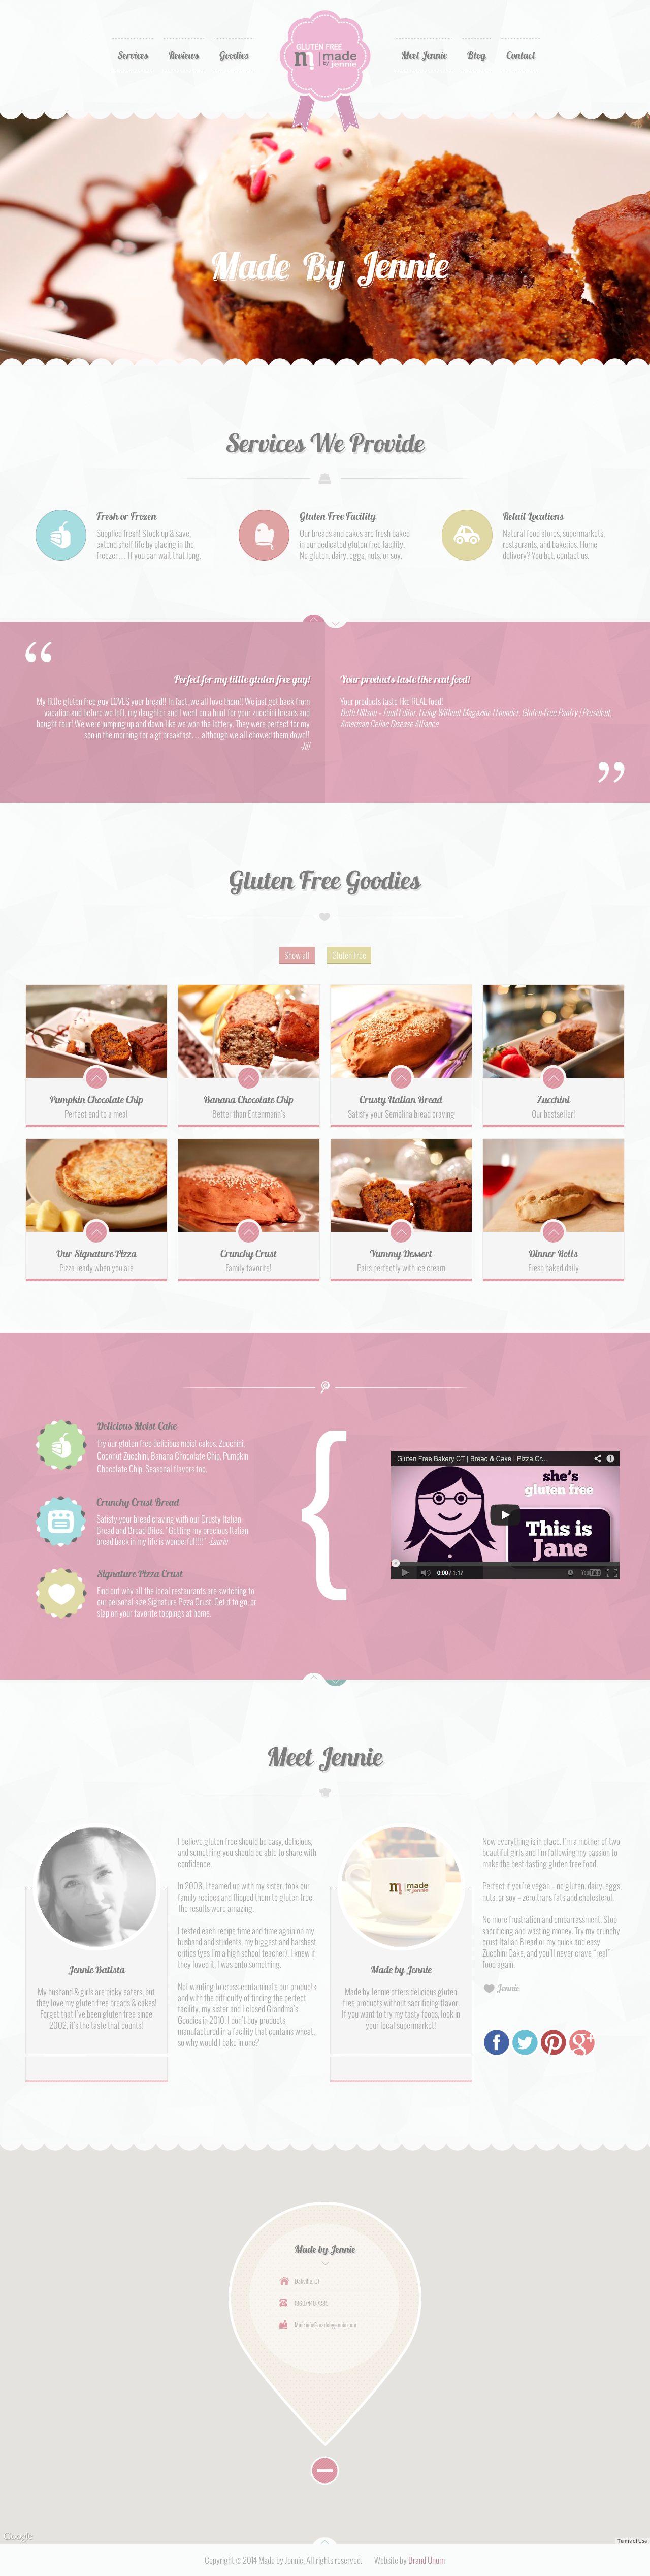 Brand Unum Portfolio - Web Design